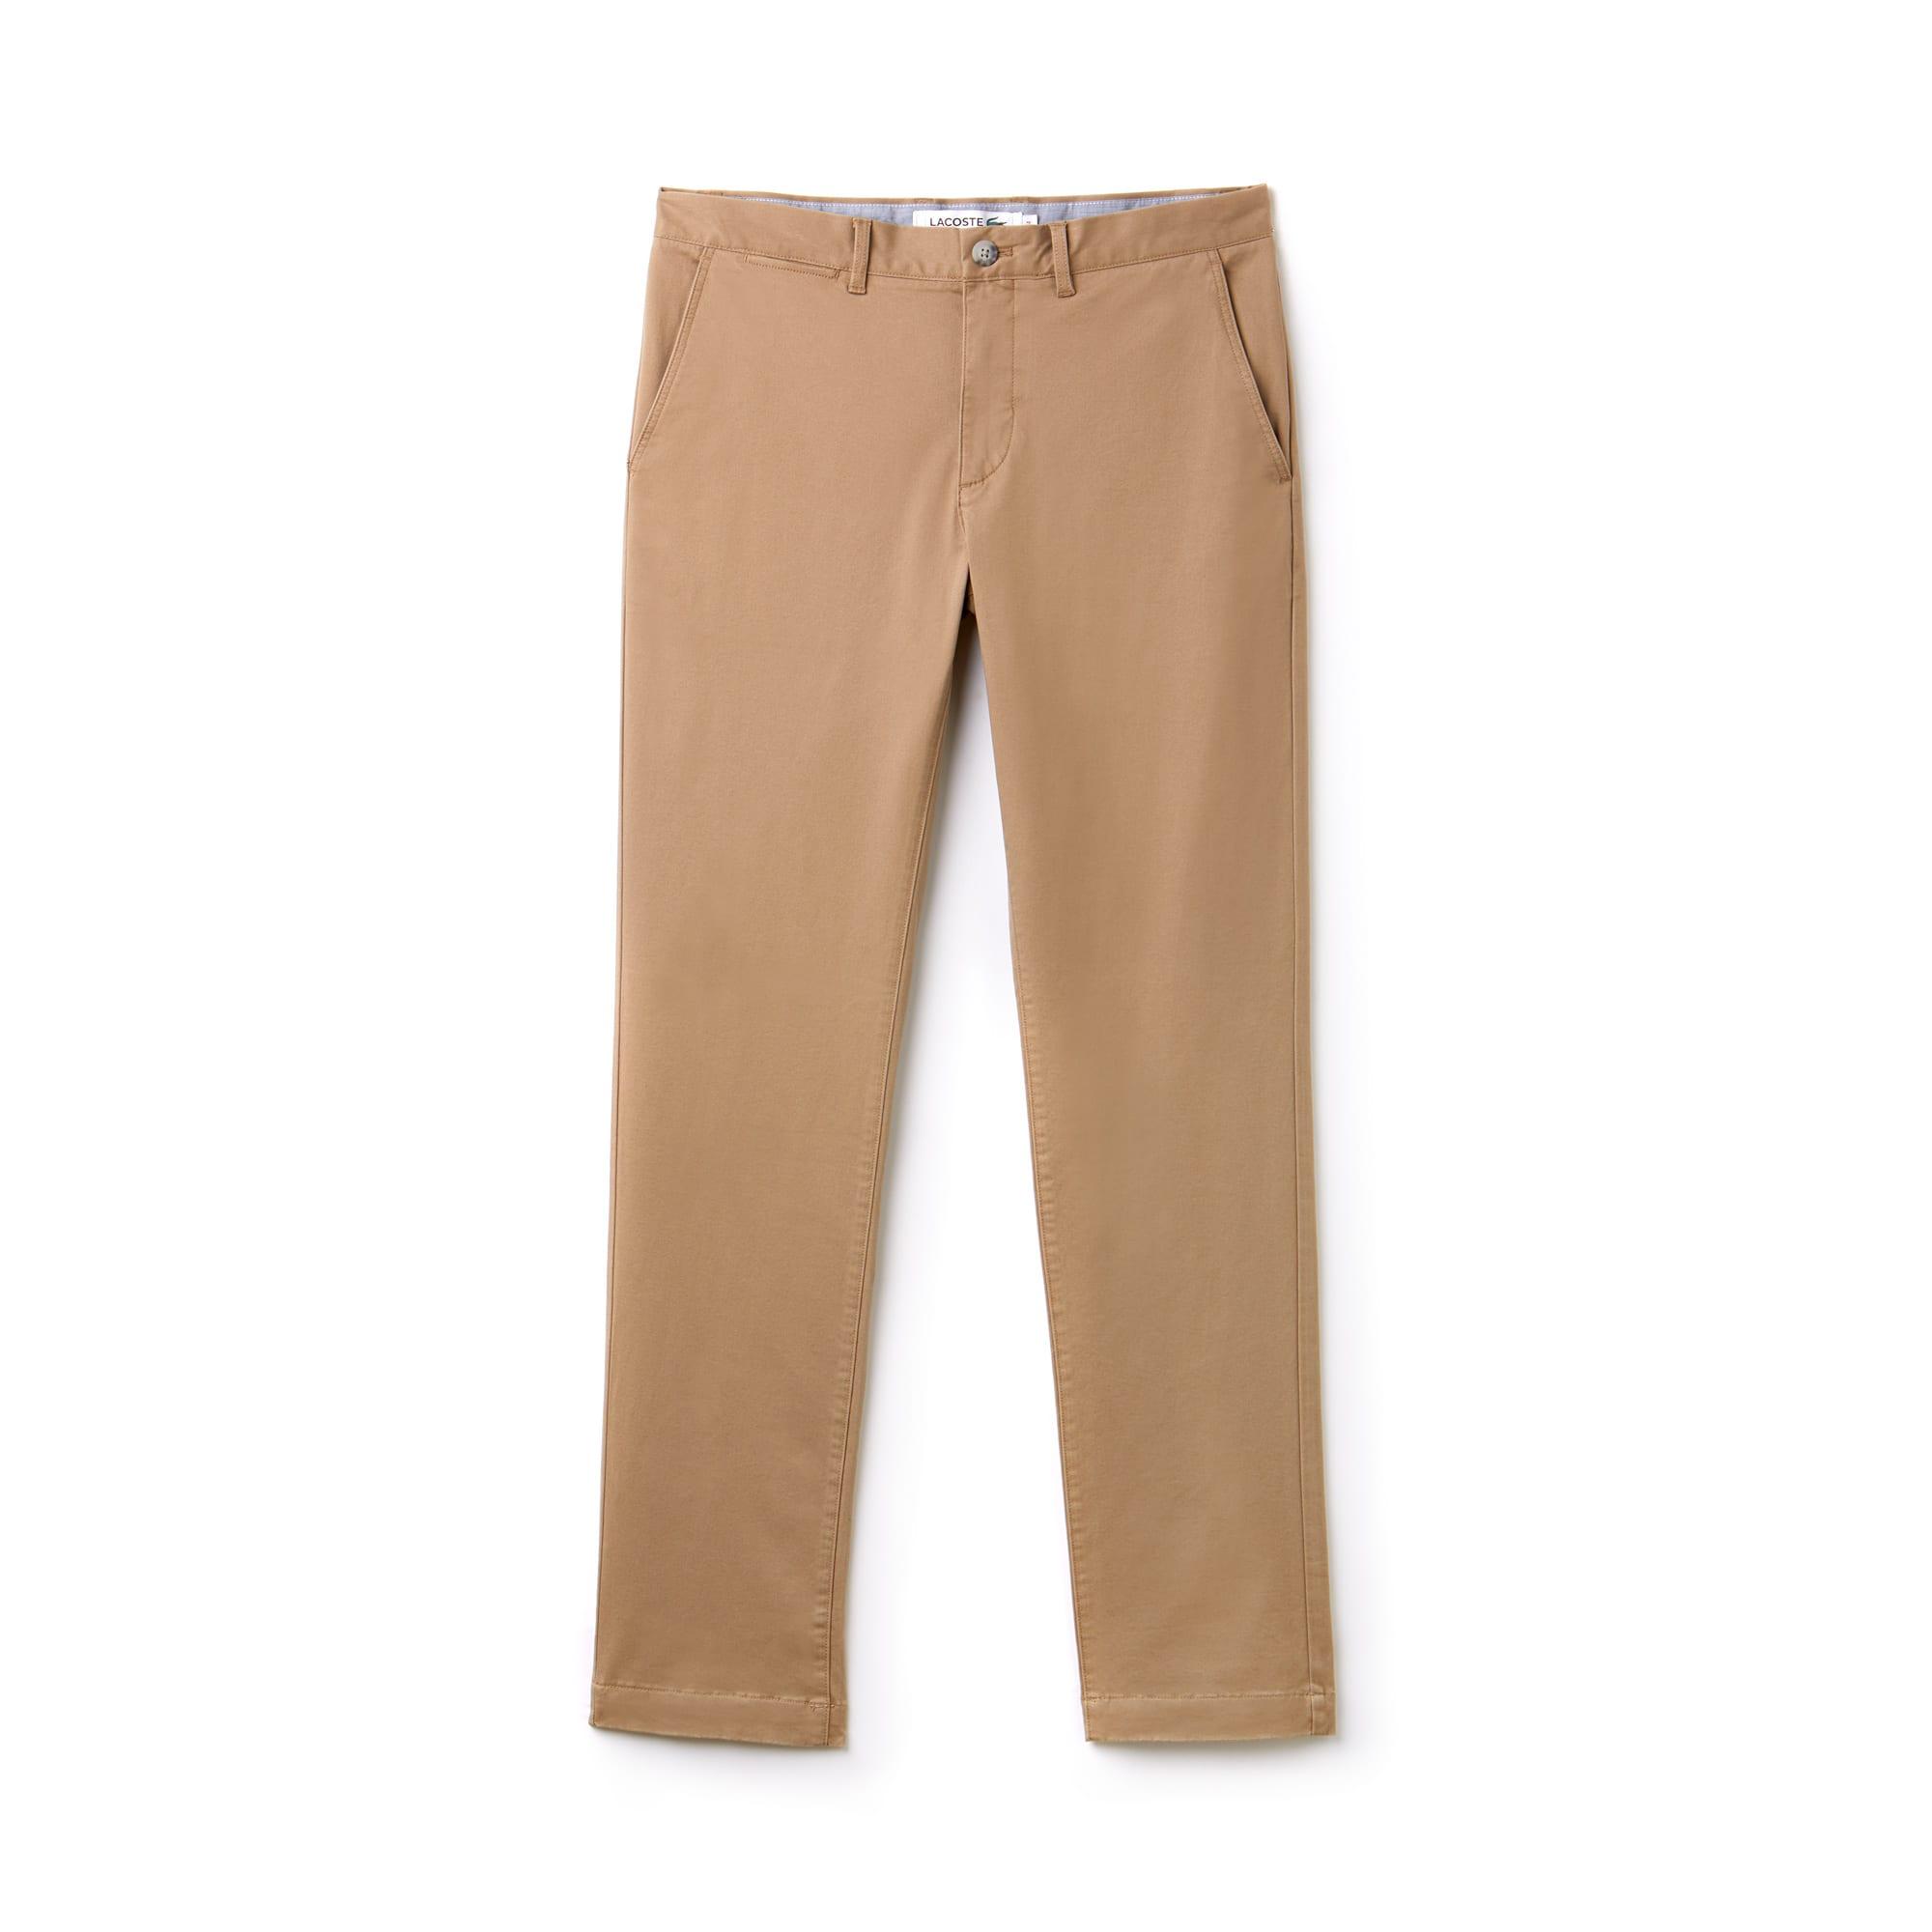 라코스테 Lacoste Mens Regular Fit Cotton Gabardine Chino Pants,beige